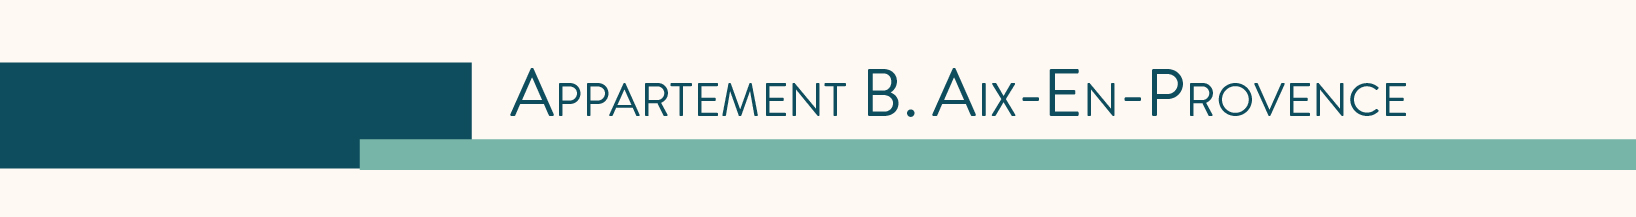 APPARTEMENT-B-AIX-EN-PROVENCE-01